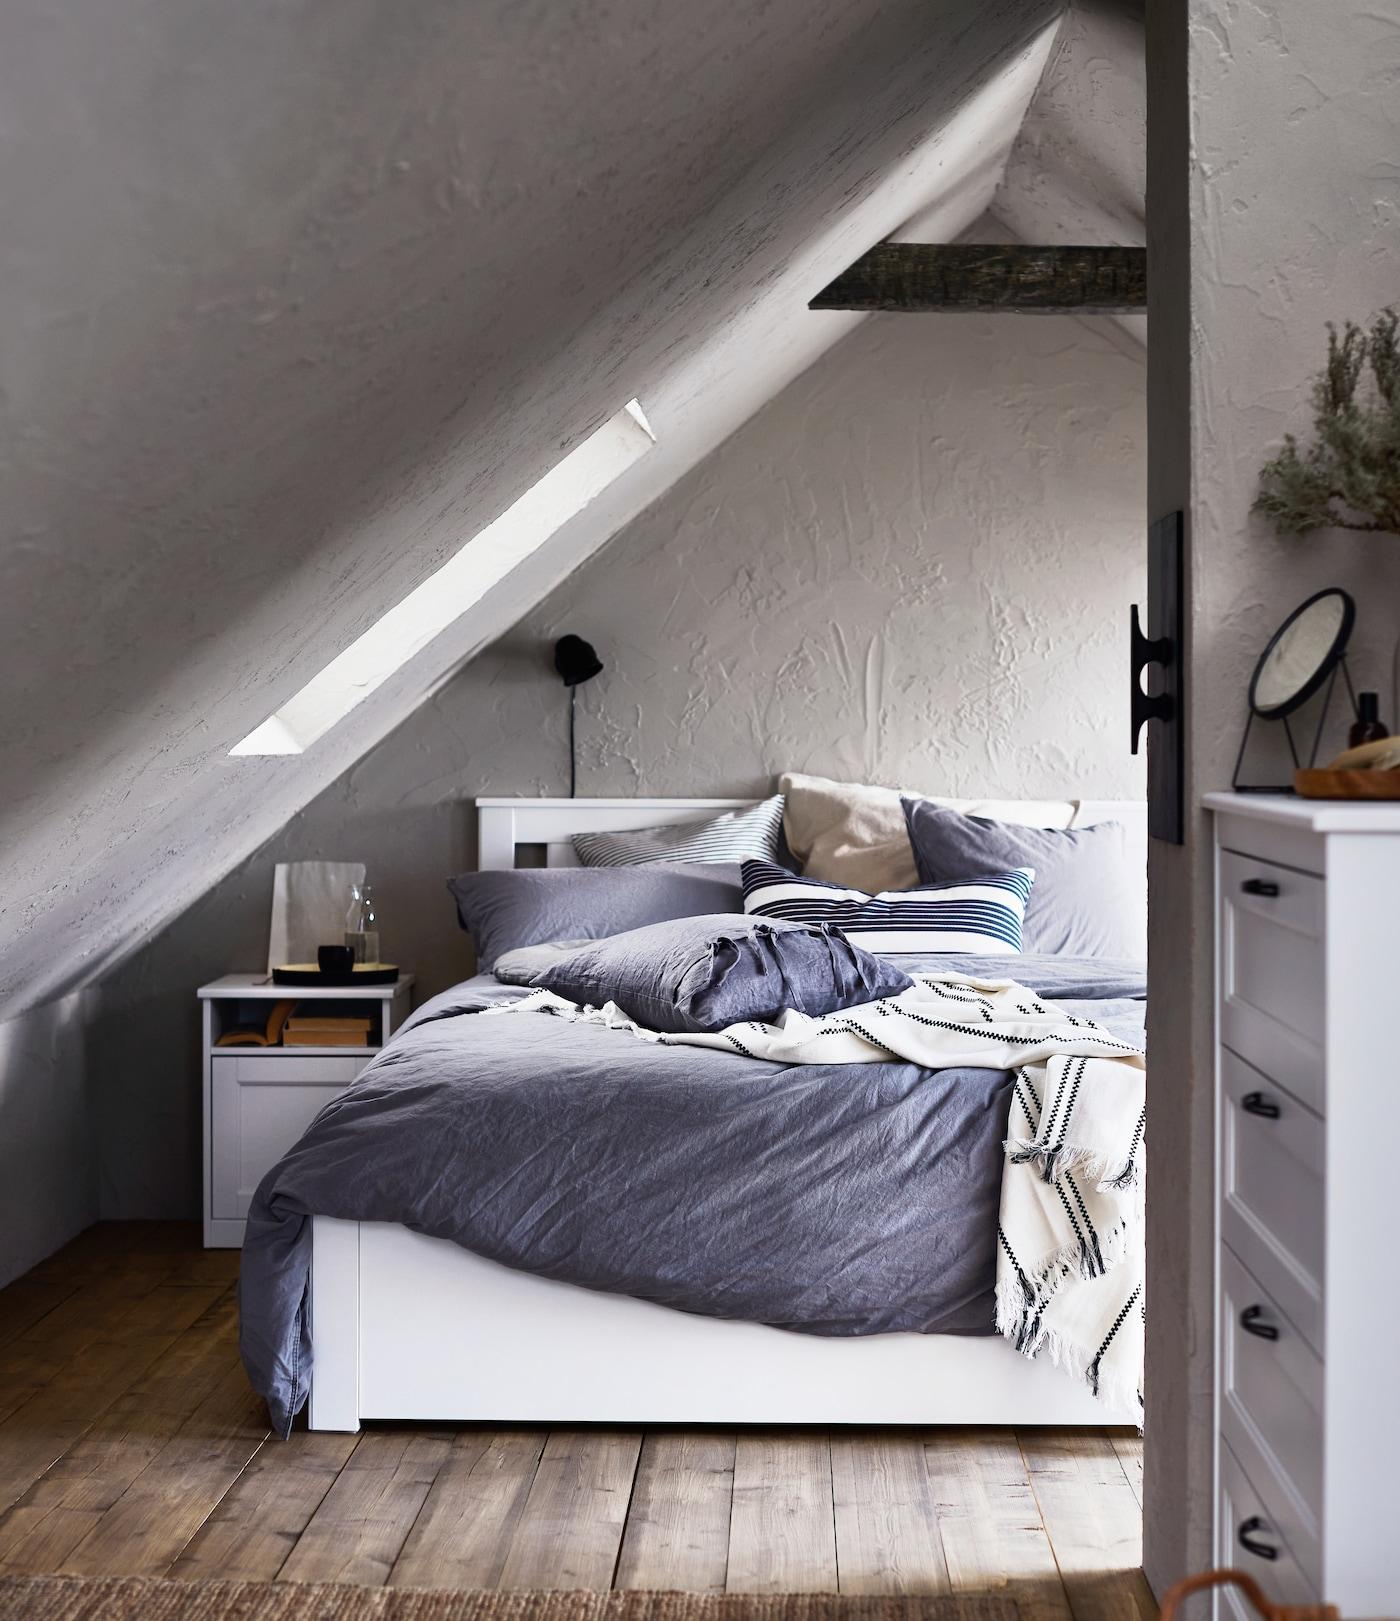 Sypialnia na poddaszu, na łóżku komplet pościeli ÄNGSLILJA, na pierwszym planie na prawo od łóżka stoi komoda SONGESAND